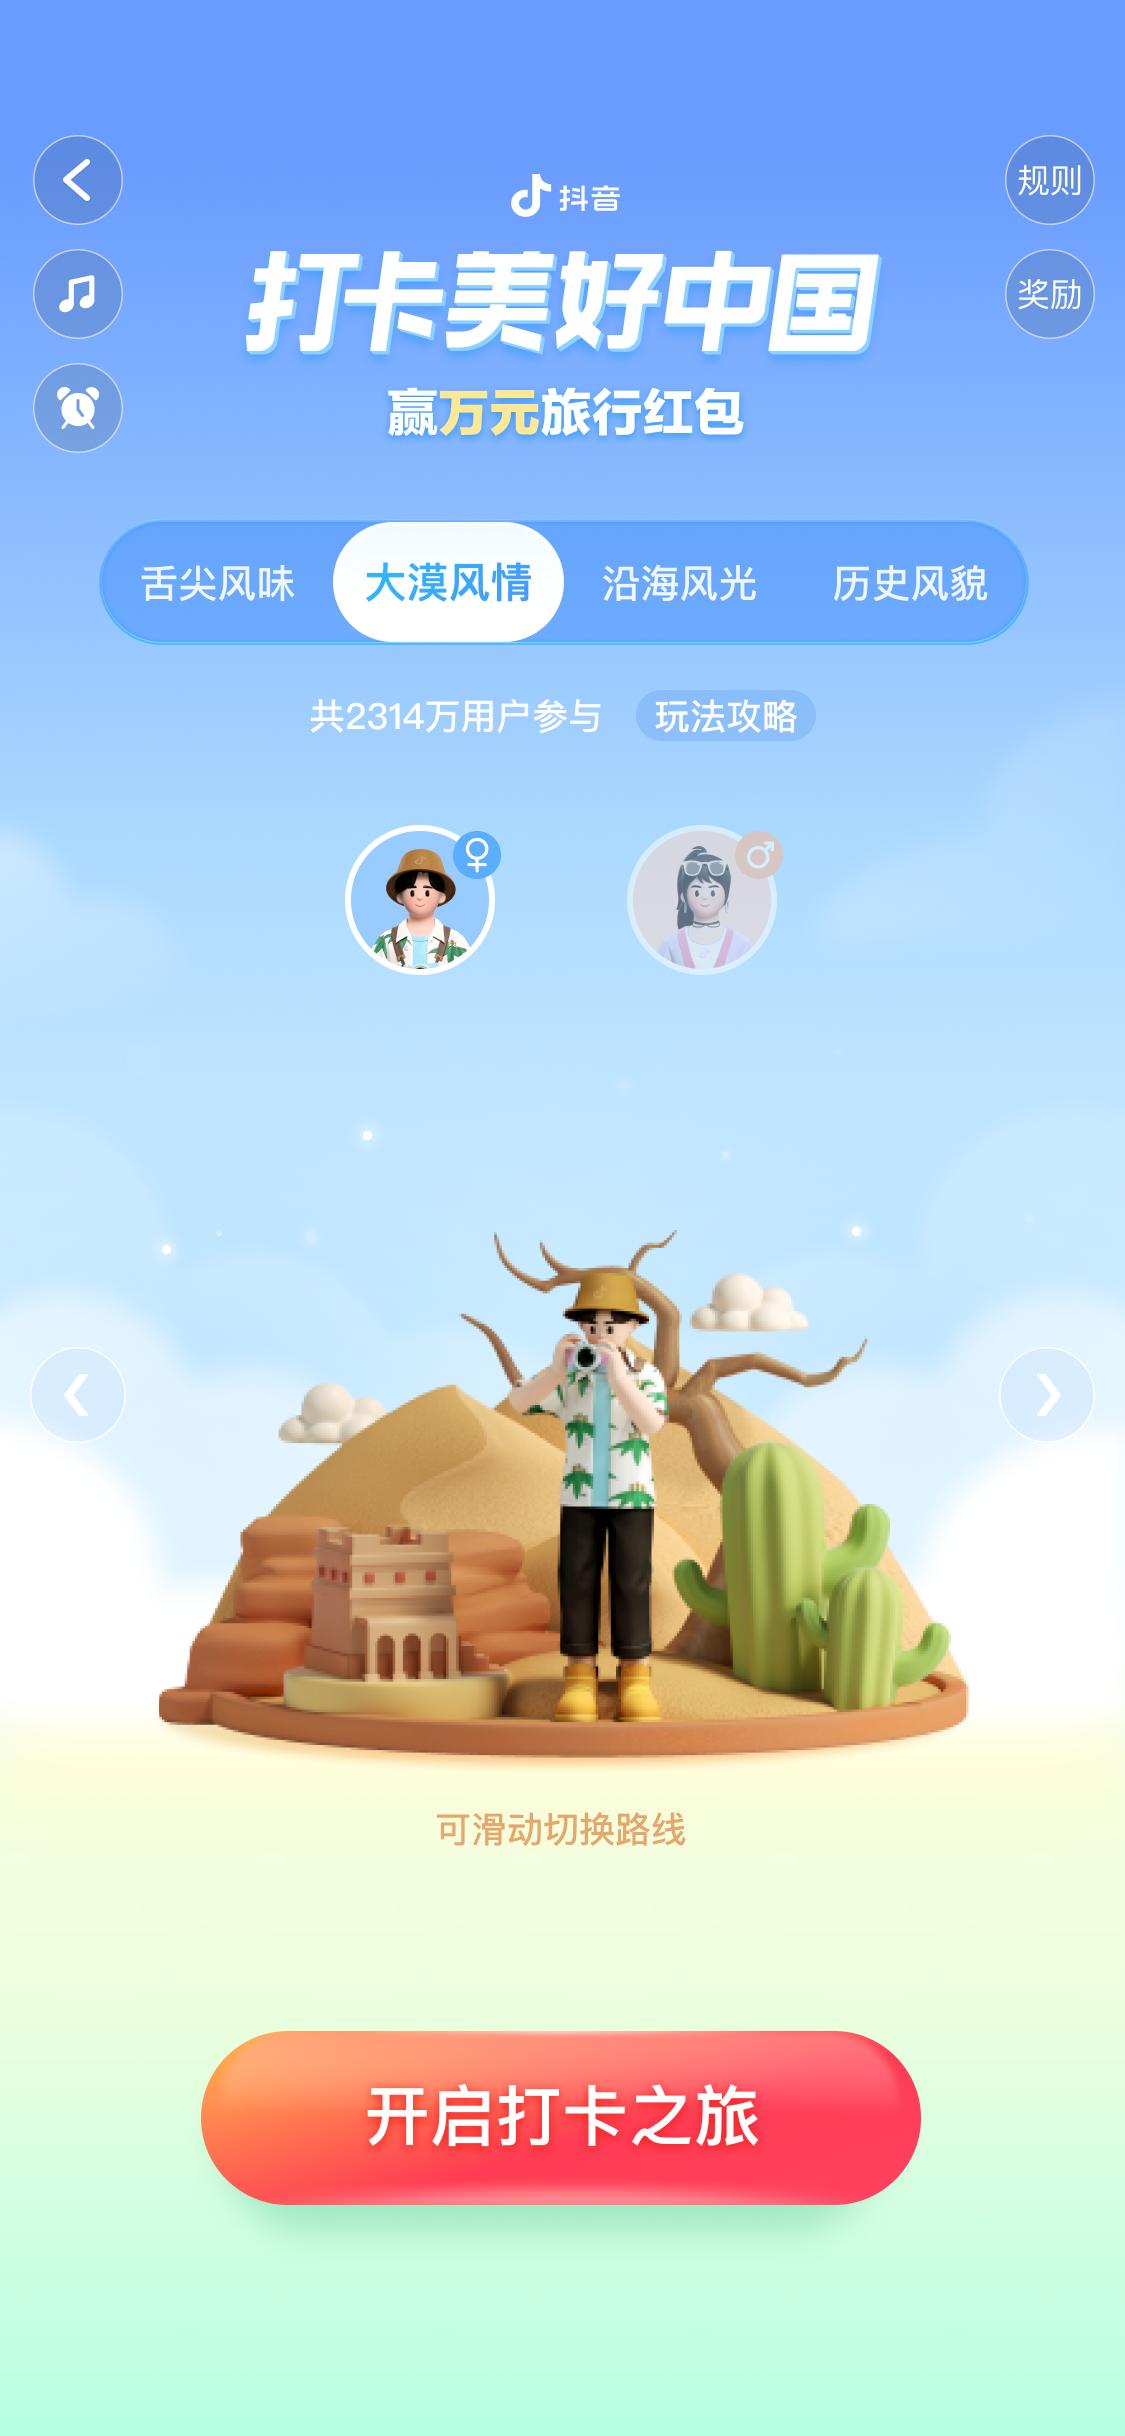 """国庆抖音上线""""打卡美好中国""""活动 轻松出游美好城市近在眼前"""